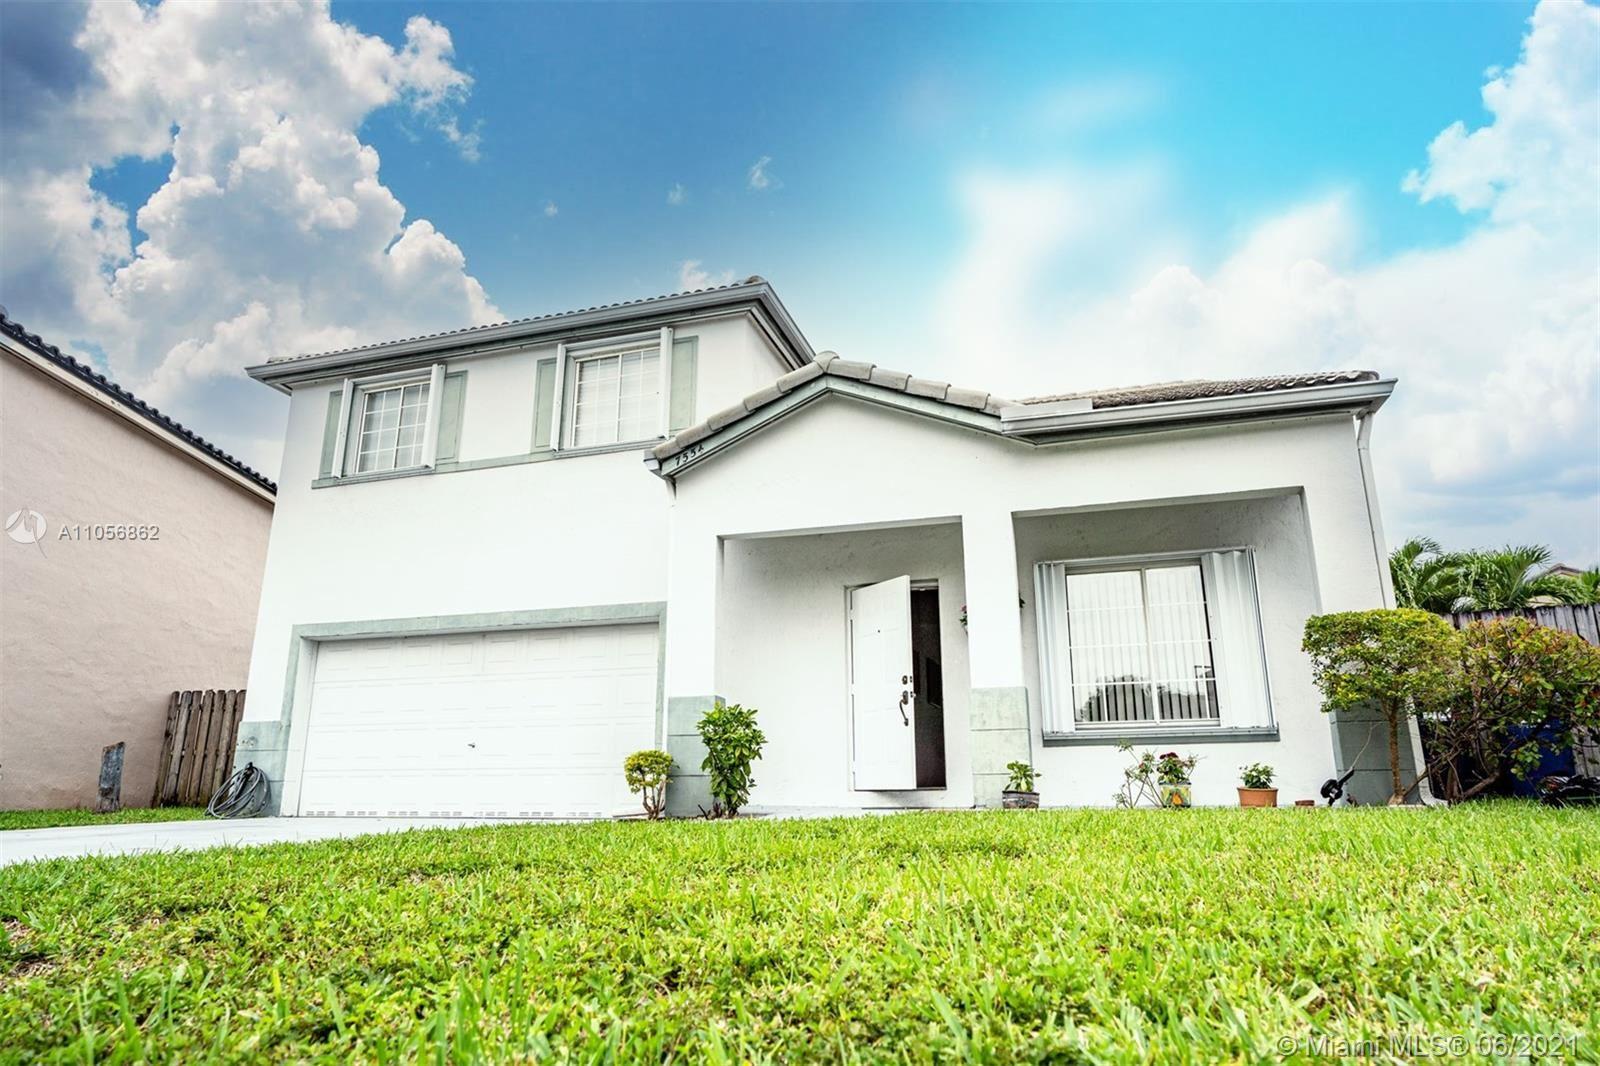 7554 SW 157th Ct, Miami, FL 33193 - #: A11056862